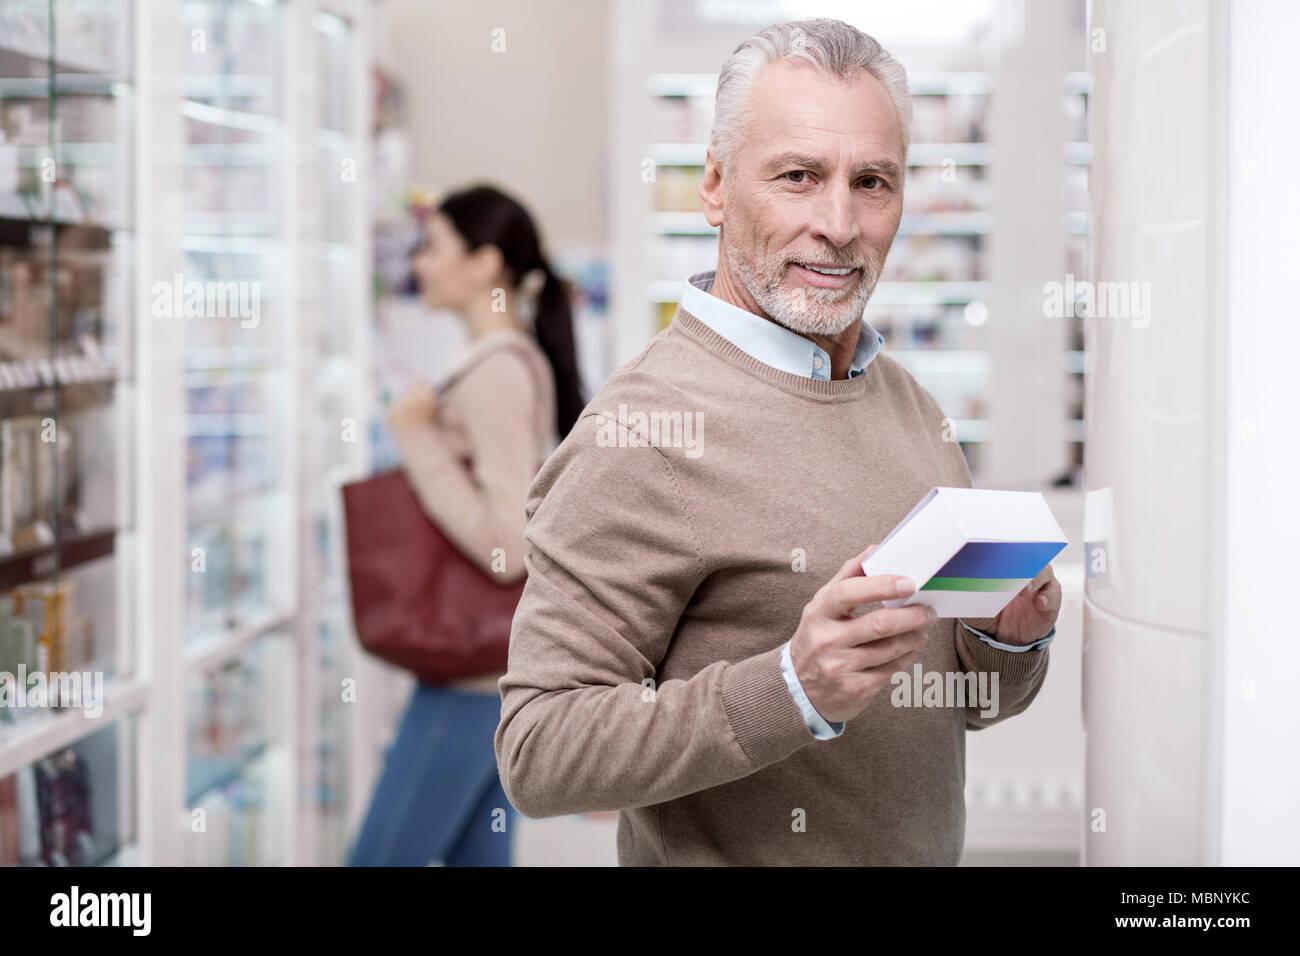 Happy senior man studying drug - Stock Image